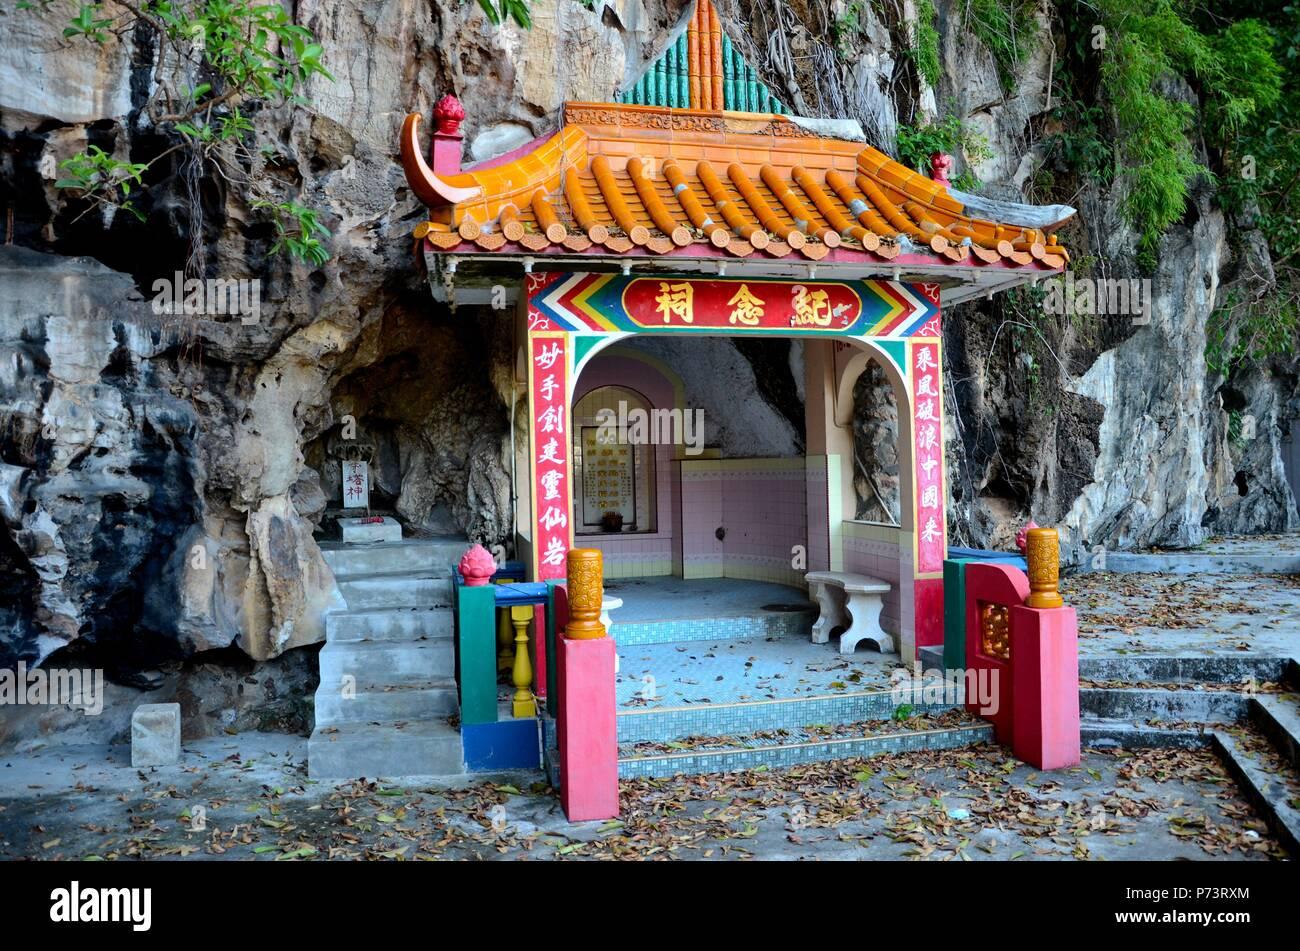 La aldea de los susurros. Tumba-tumba-del-fundador-par-de-roca-de-espiritus-celestiales-taoista-chino-templo-budista-en-cerro-de-piedra-caliza-base-ipoh-malasia-p73rxm